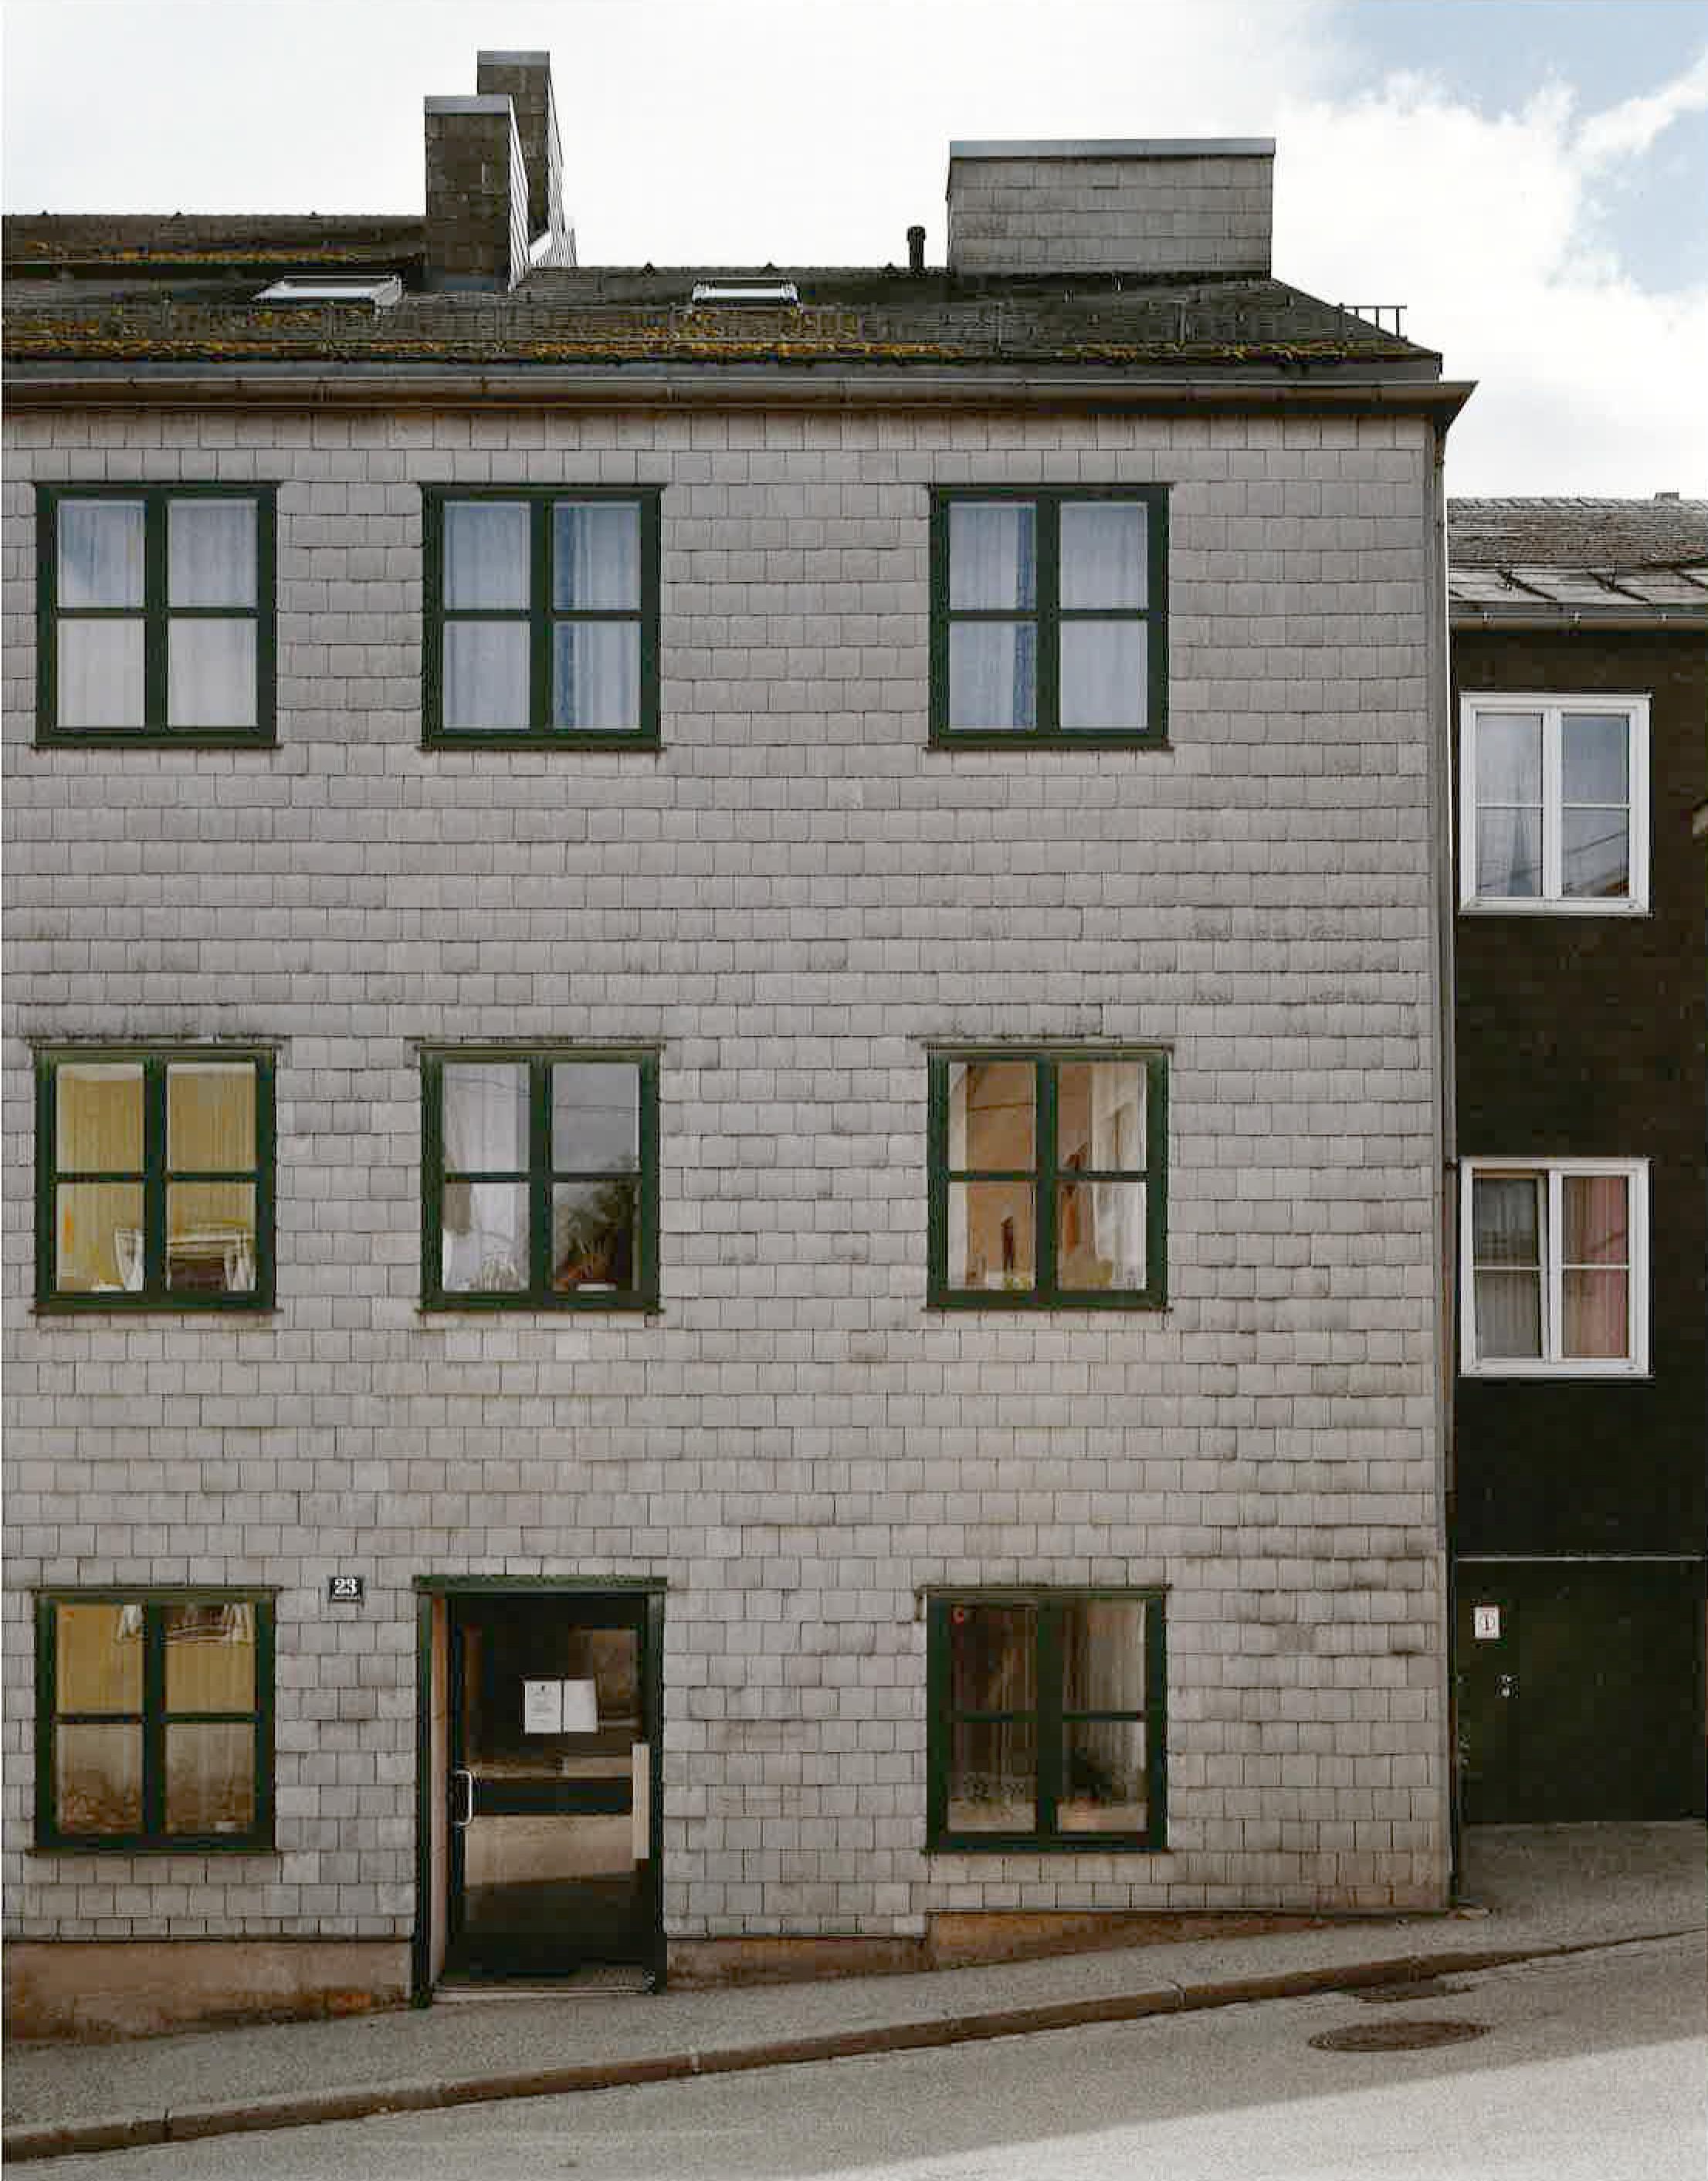 Gasthaus Riepl, Architekt: Franz Riepl